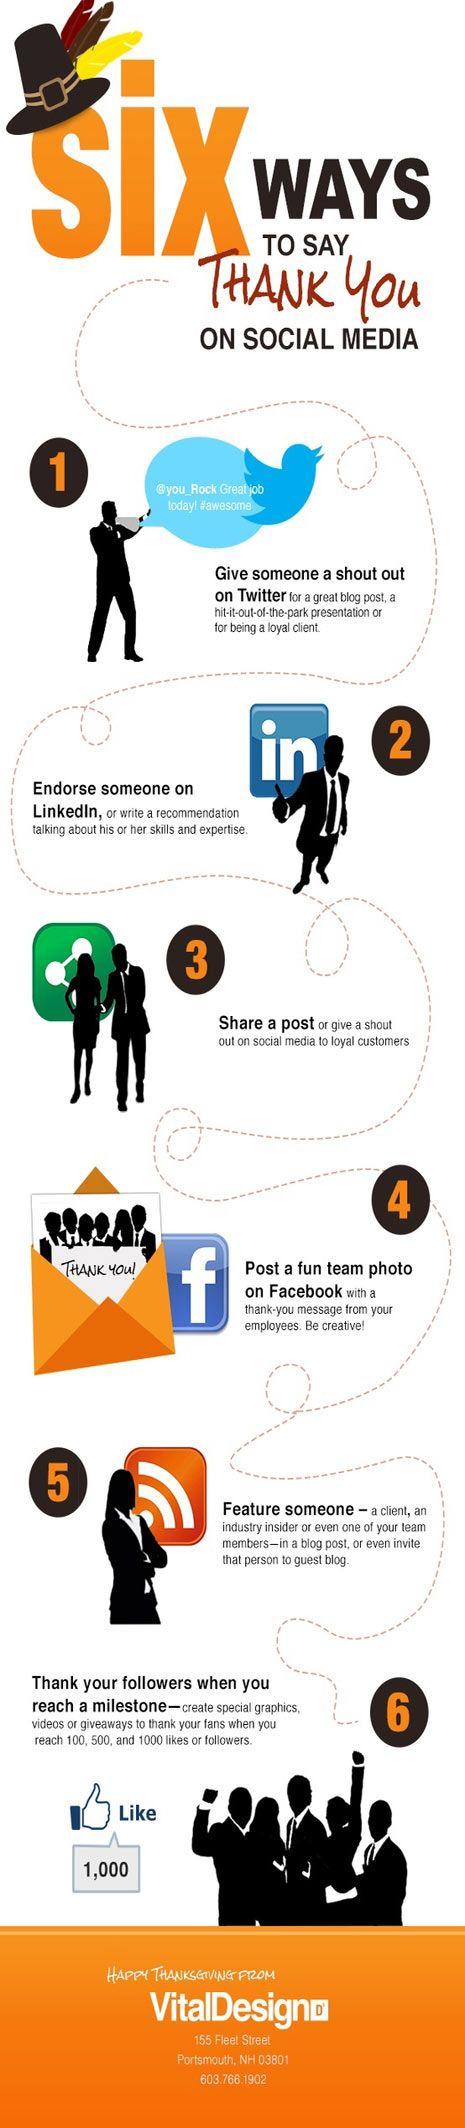 6 maneras de decir gracias en las redes sociales